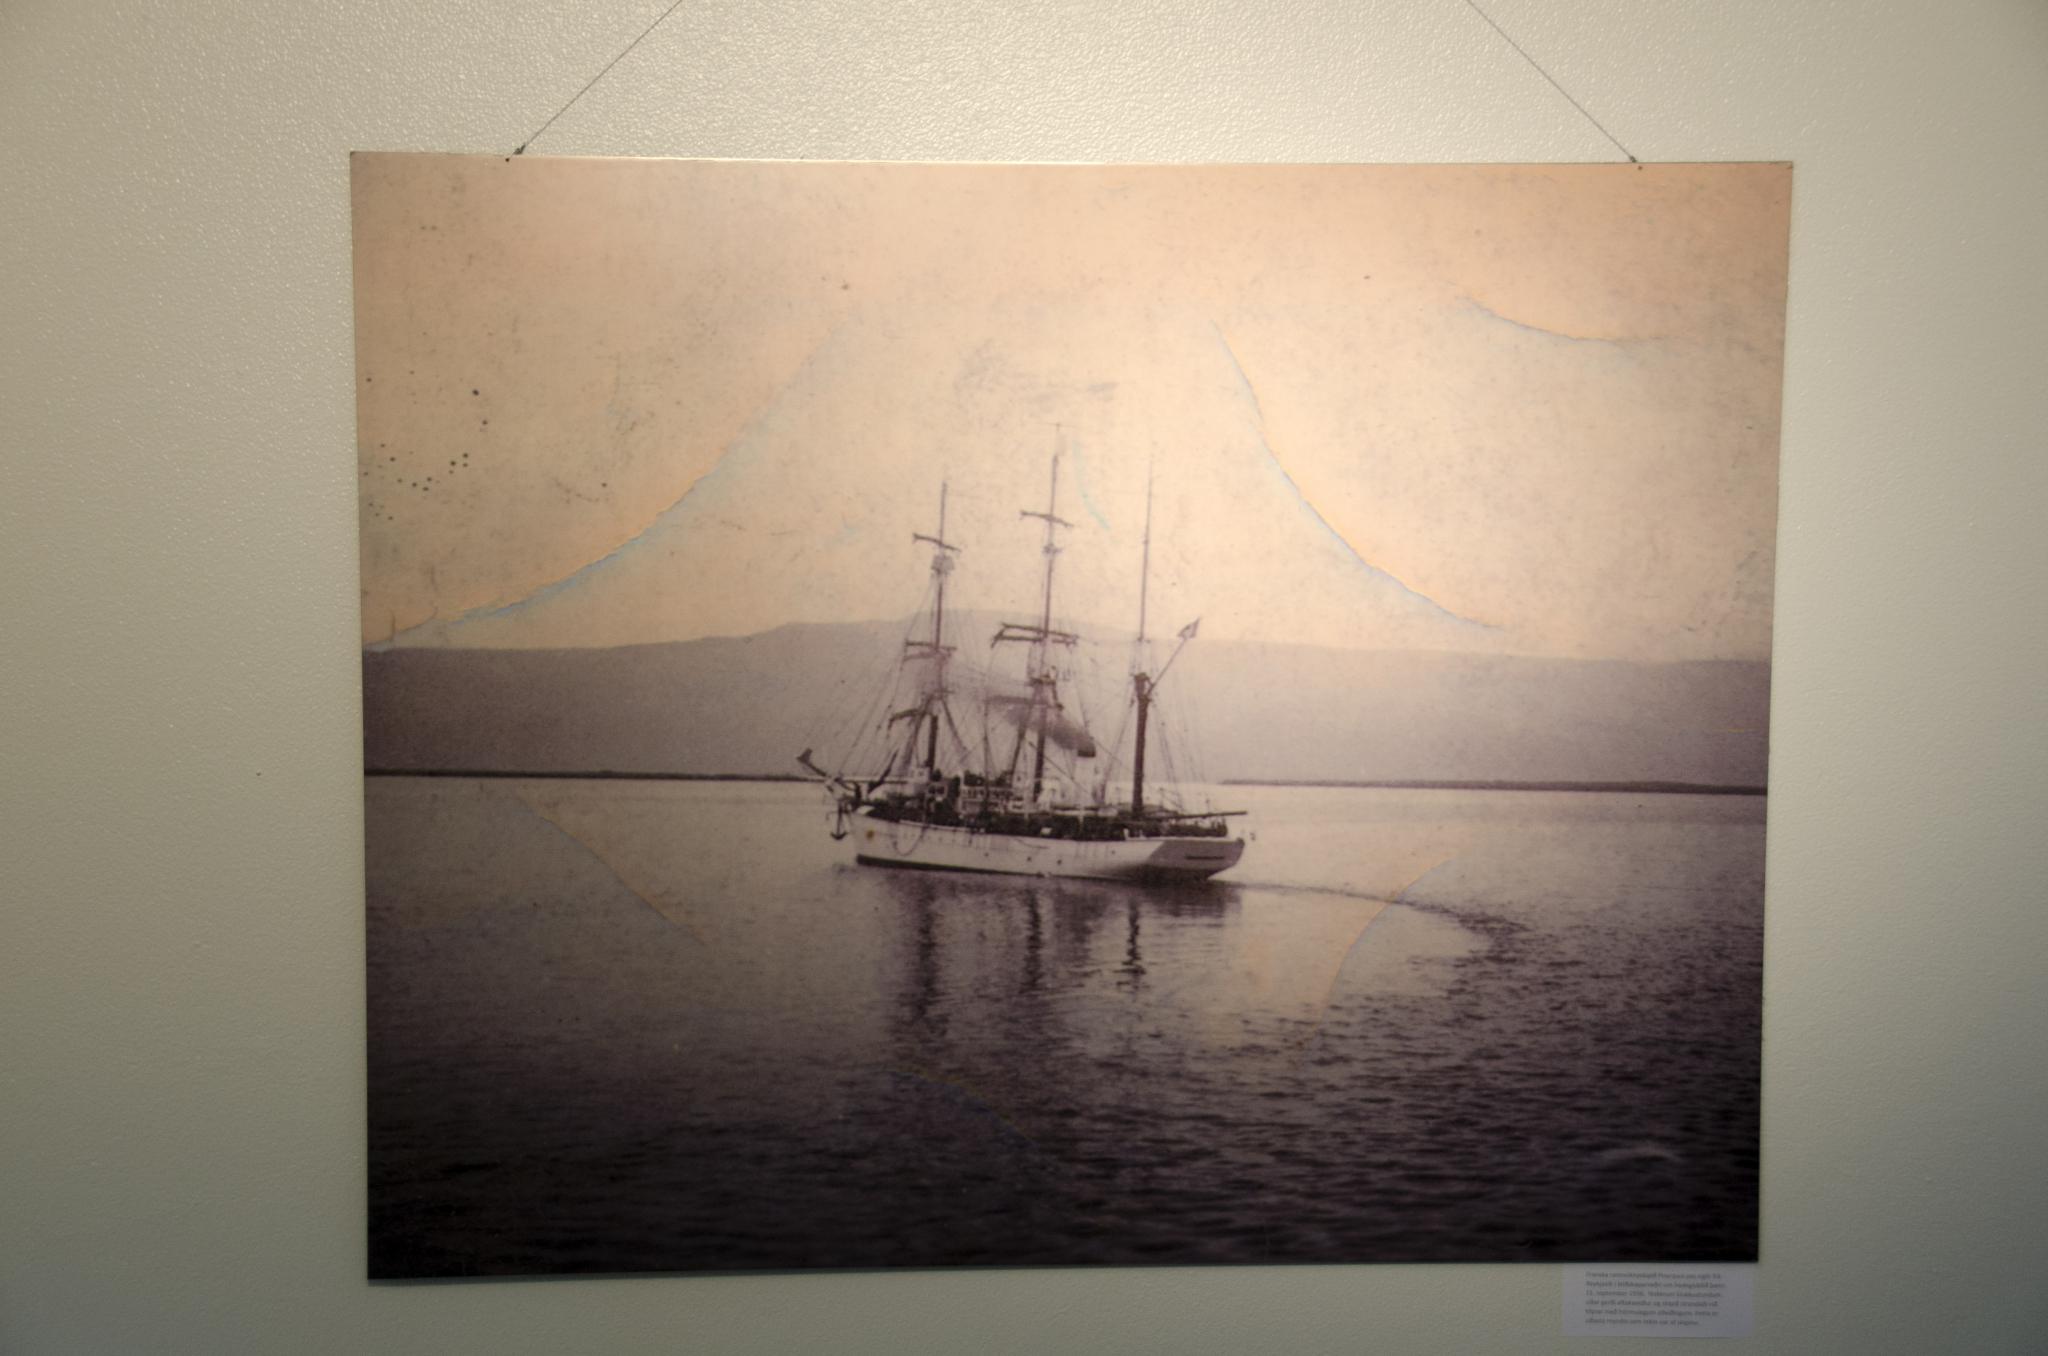 jean-baptiste charcot, commémorations, 80 ans, naufrage, trois-mâts, polaire, le pourquoi-pas, aventure, mer, marin, drame, histoire, anniversaire